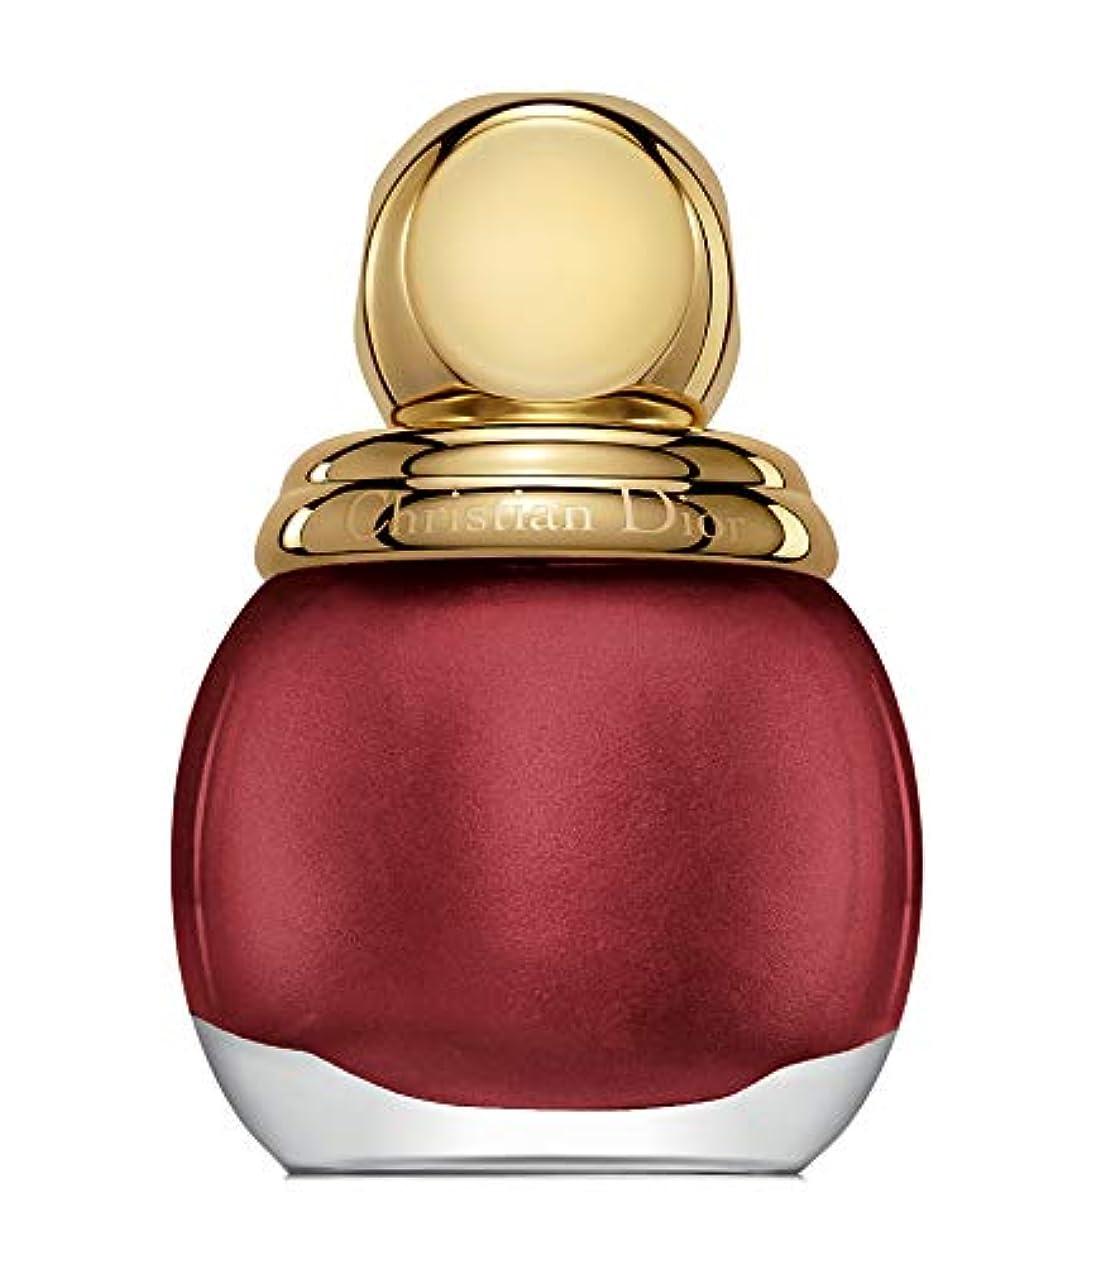 アプトでるなぜならディオール ヴェルニ ディオリフィック #760 トリオンフ 限定 Dior ネイル ネイルカラー